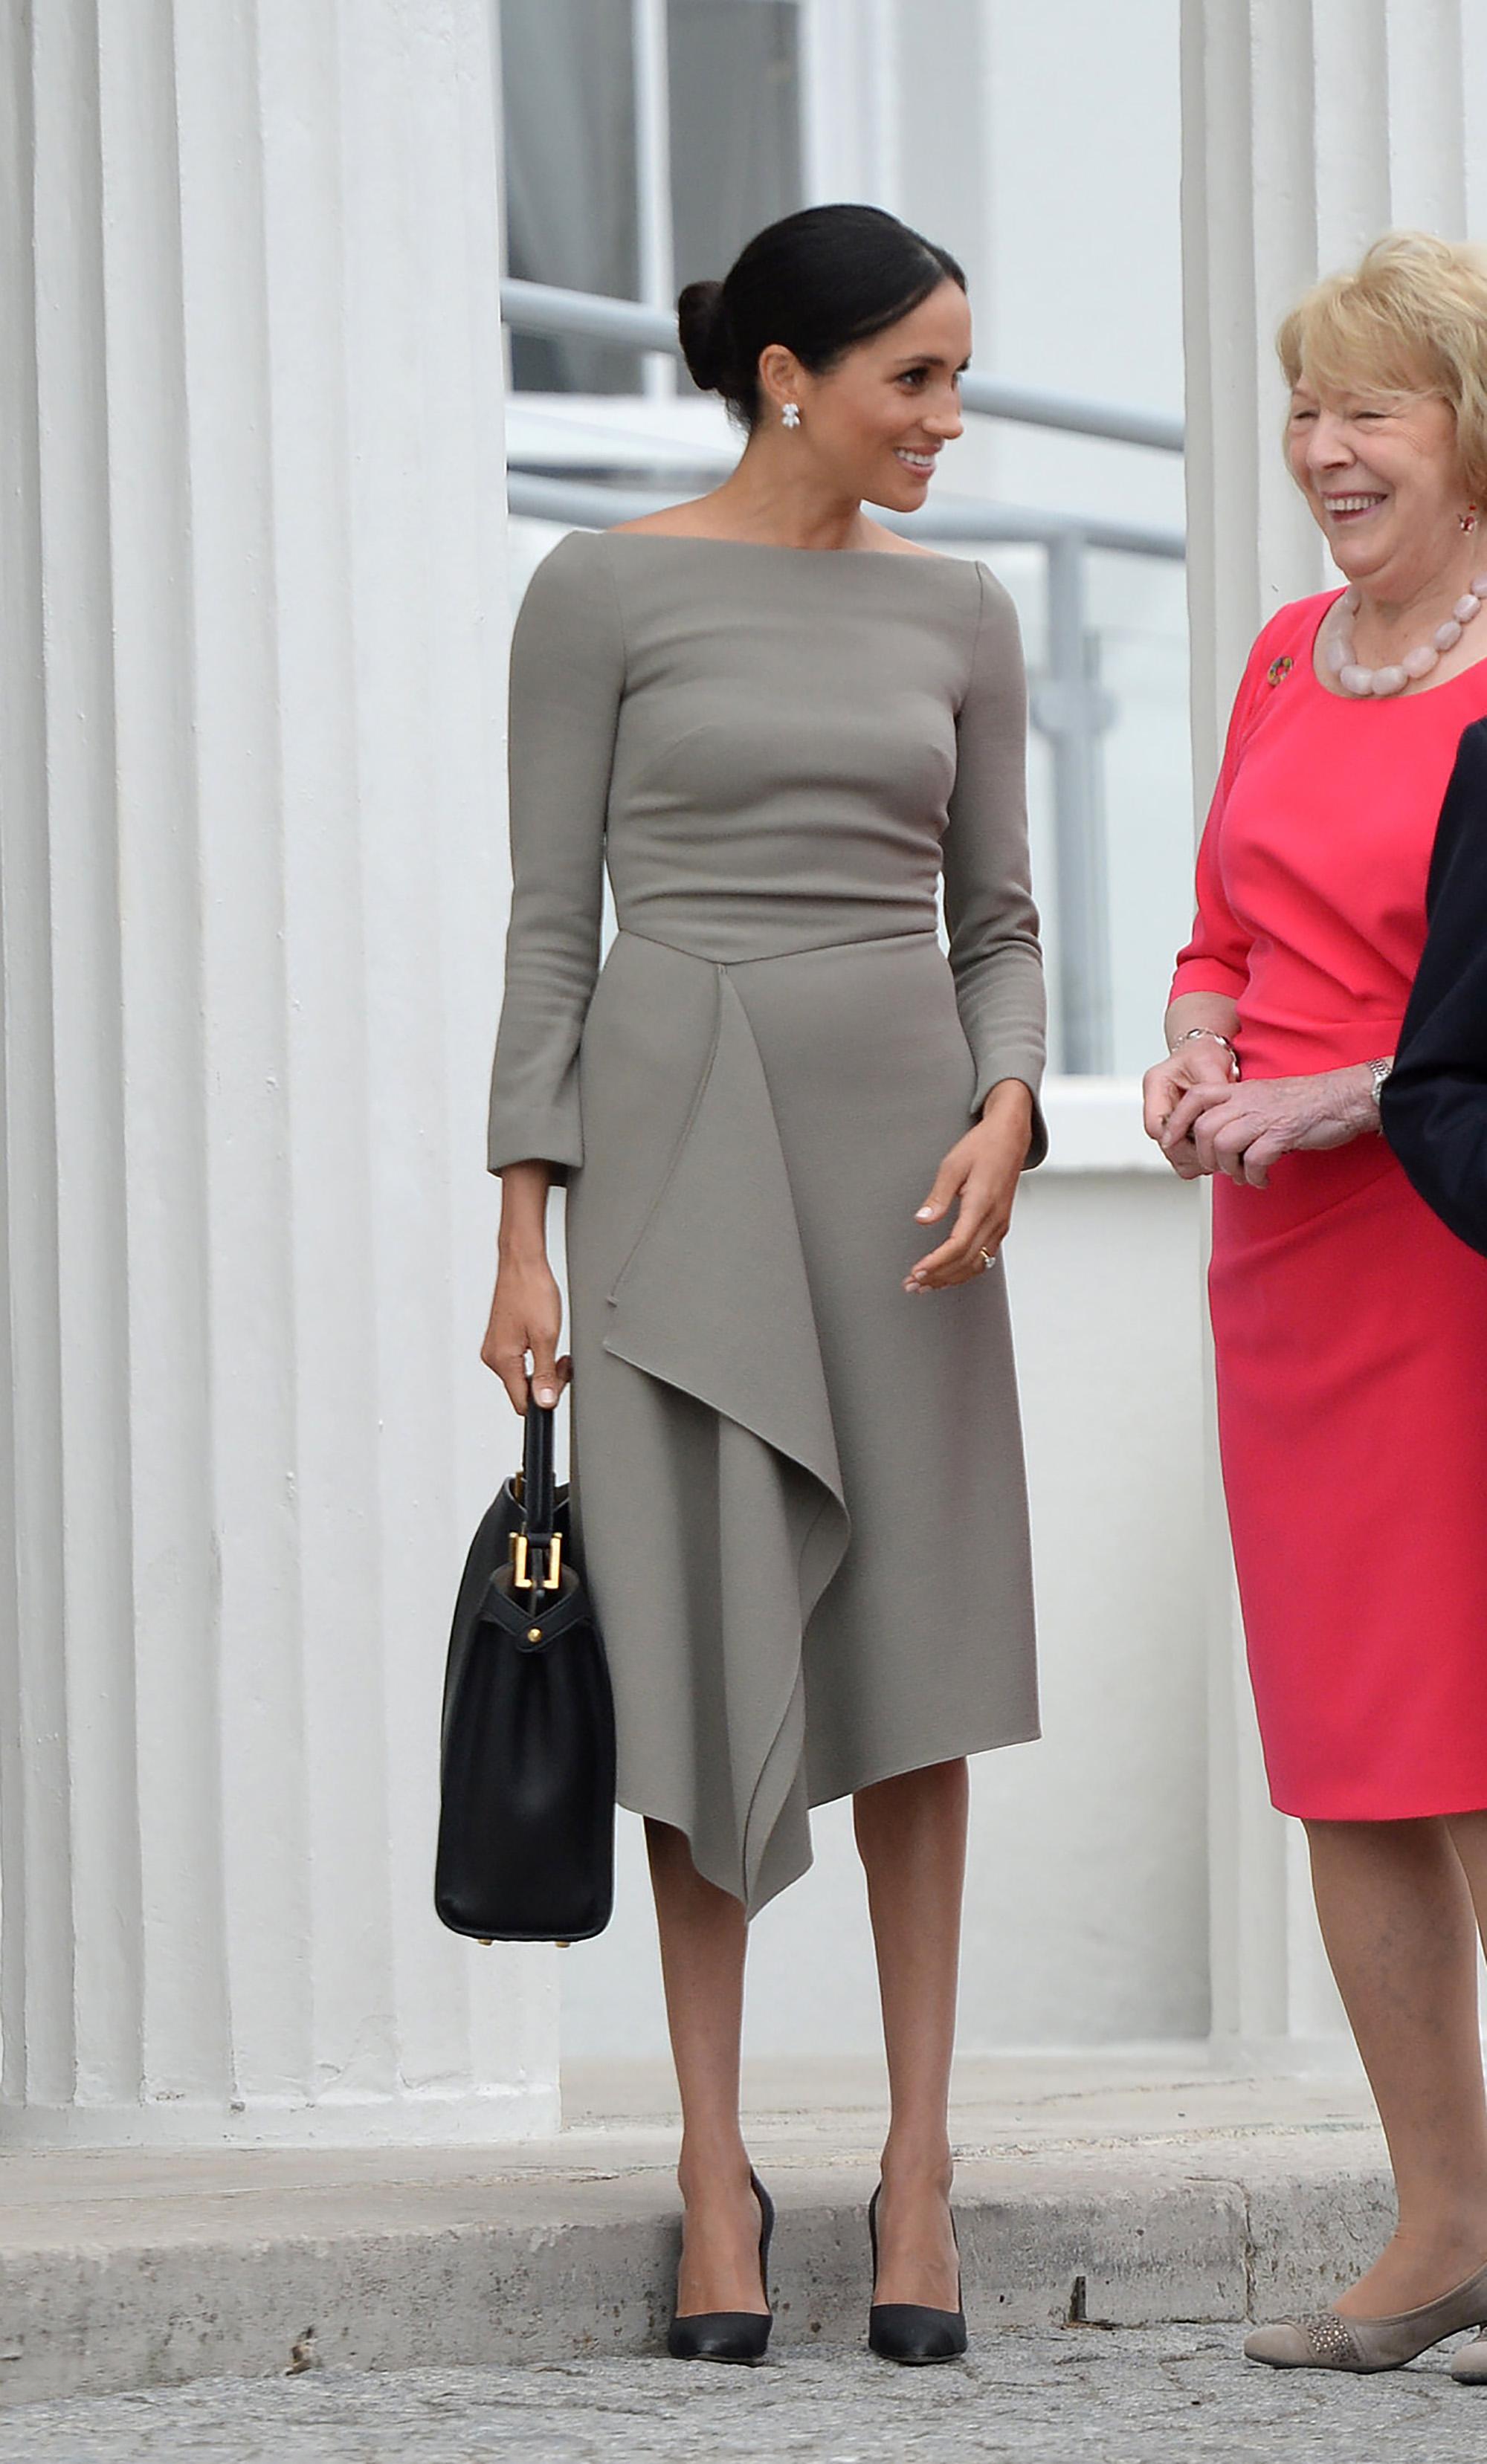 meghan mặc đầm màu xám và túi xách đen